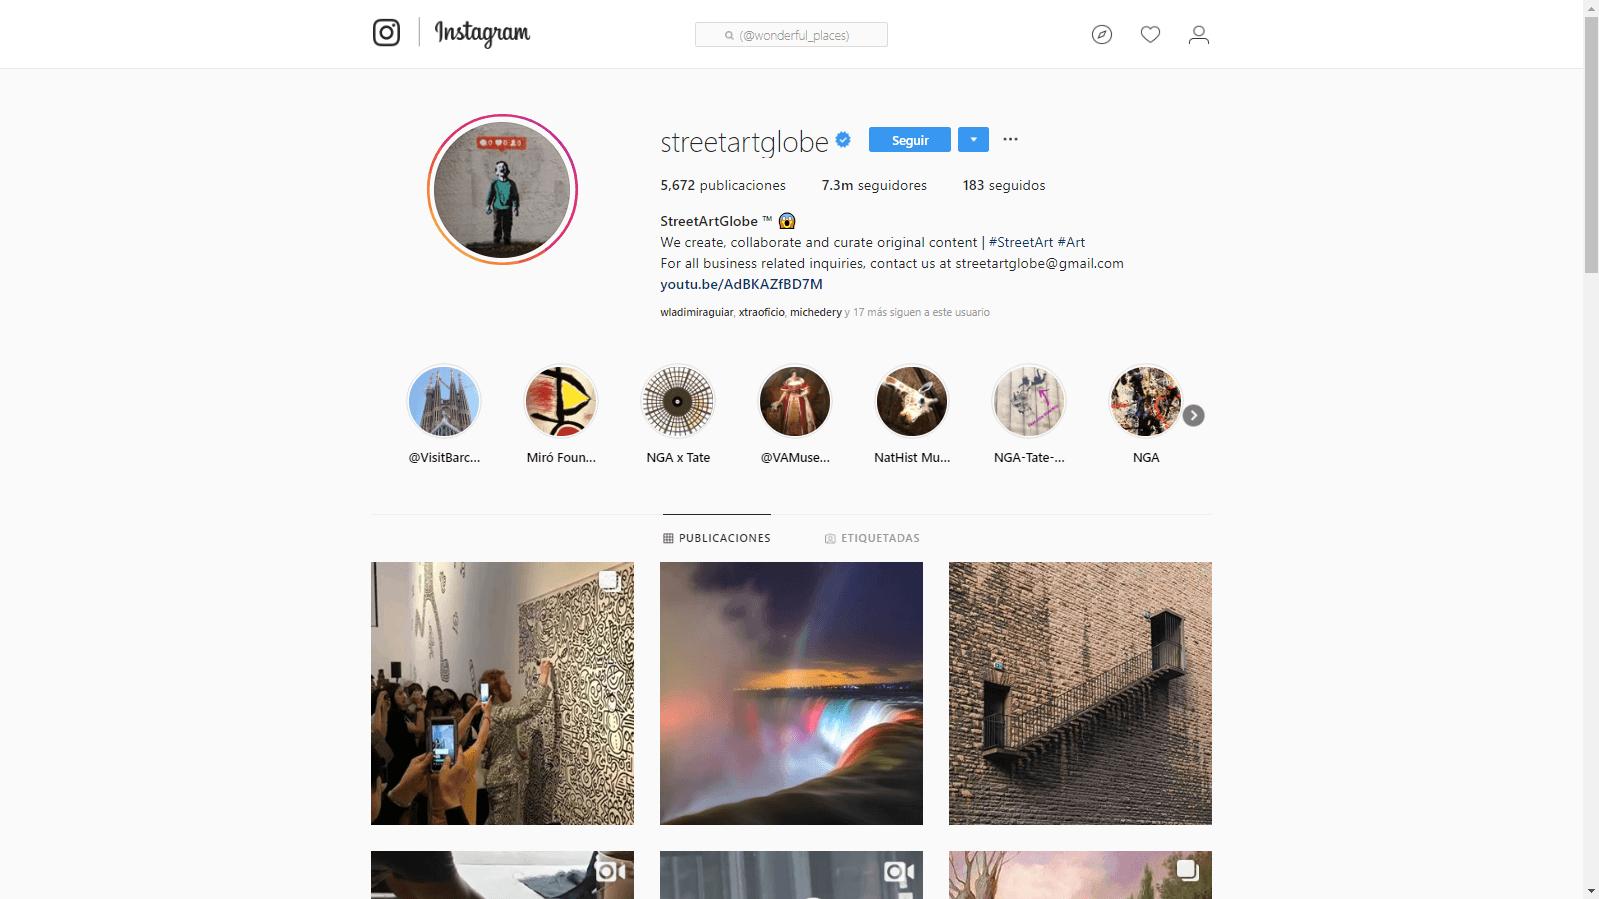 las mejores cuentas de Instagram para entretenerse